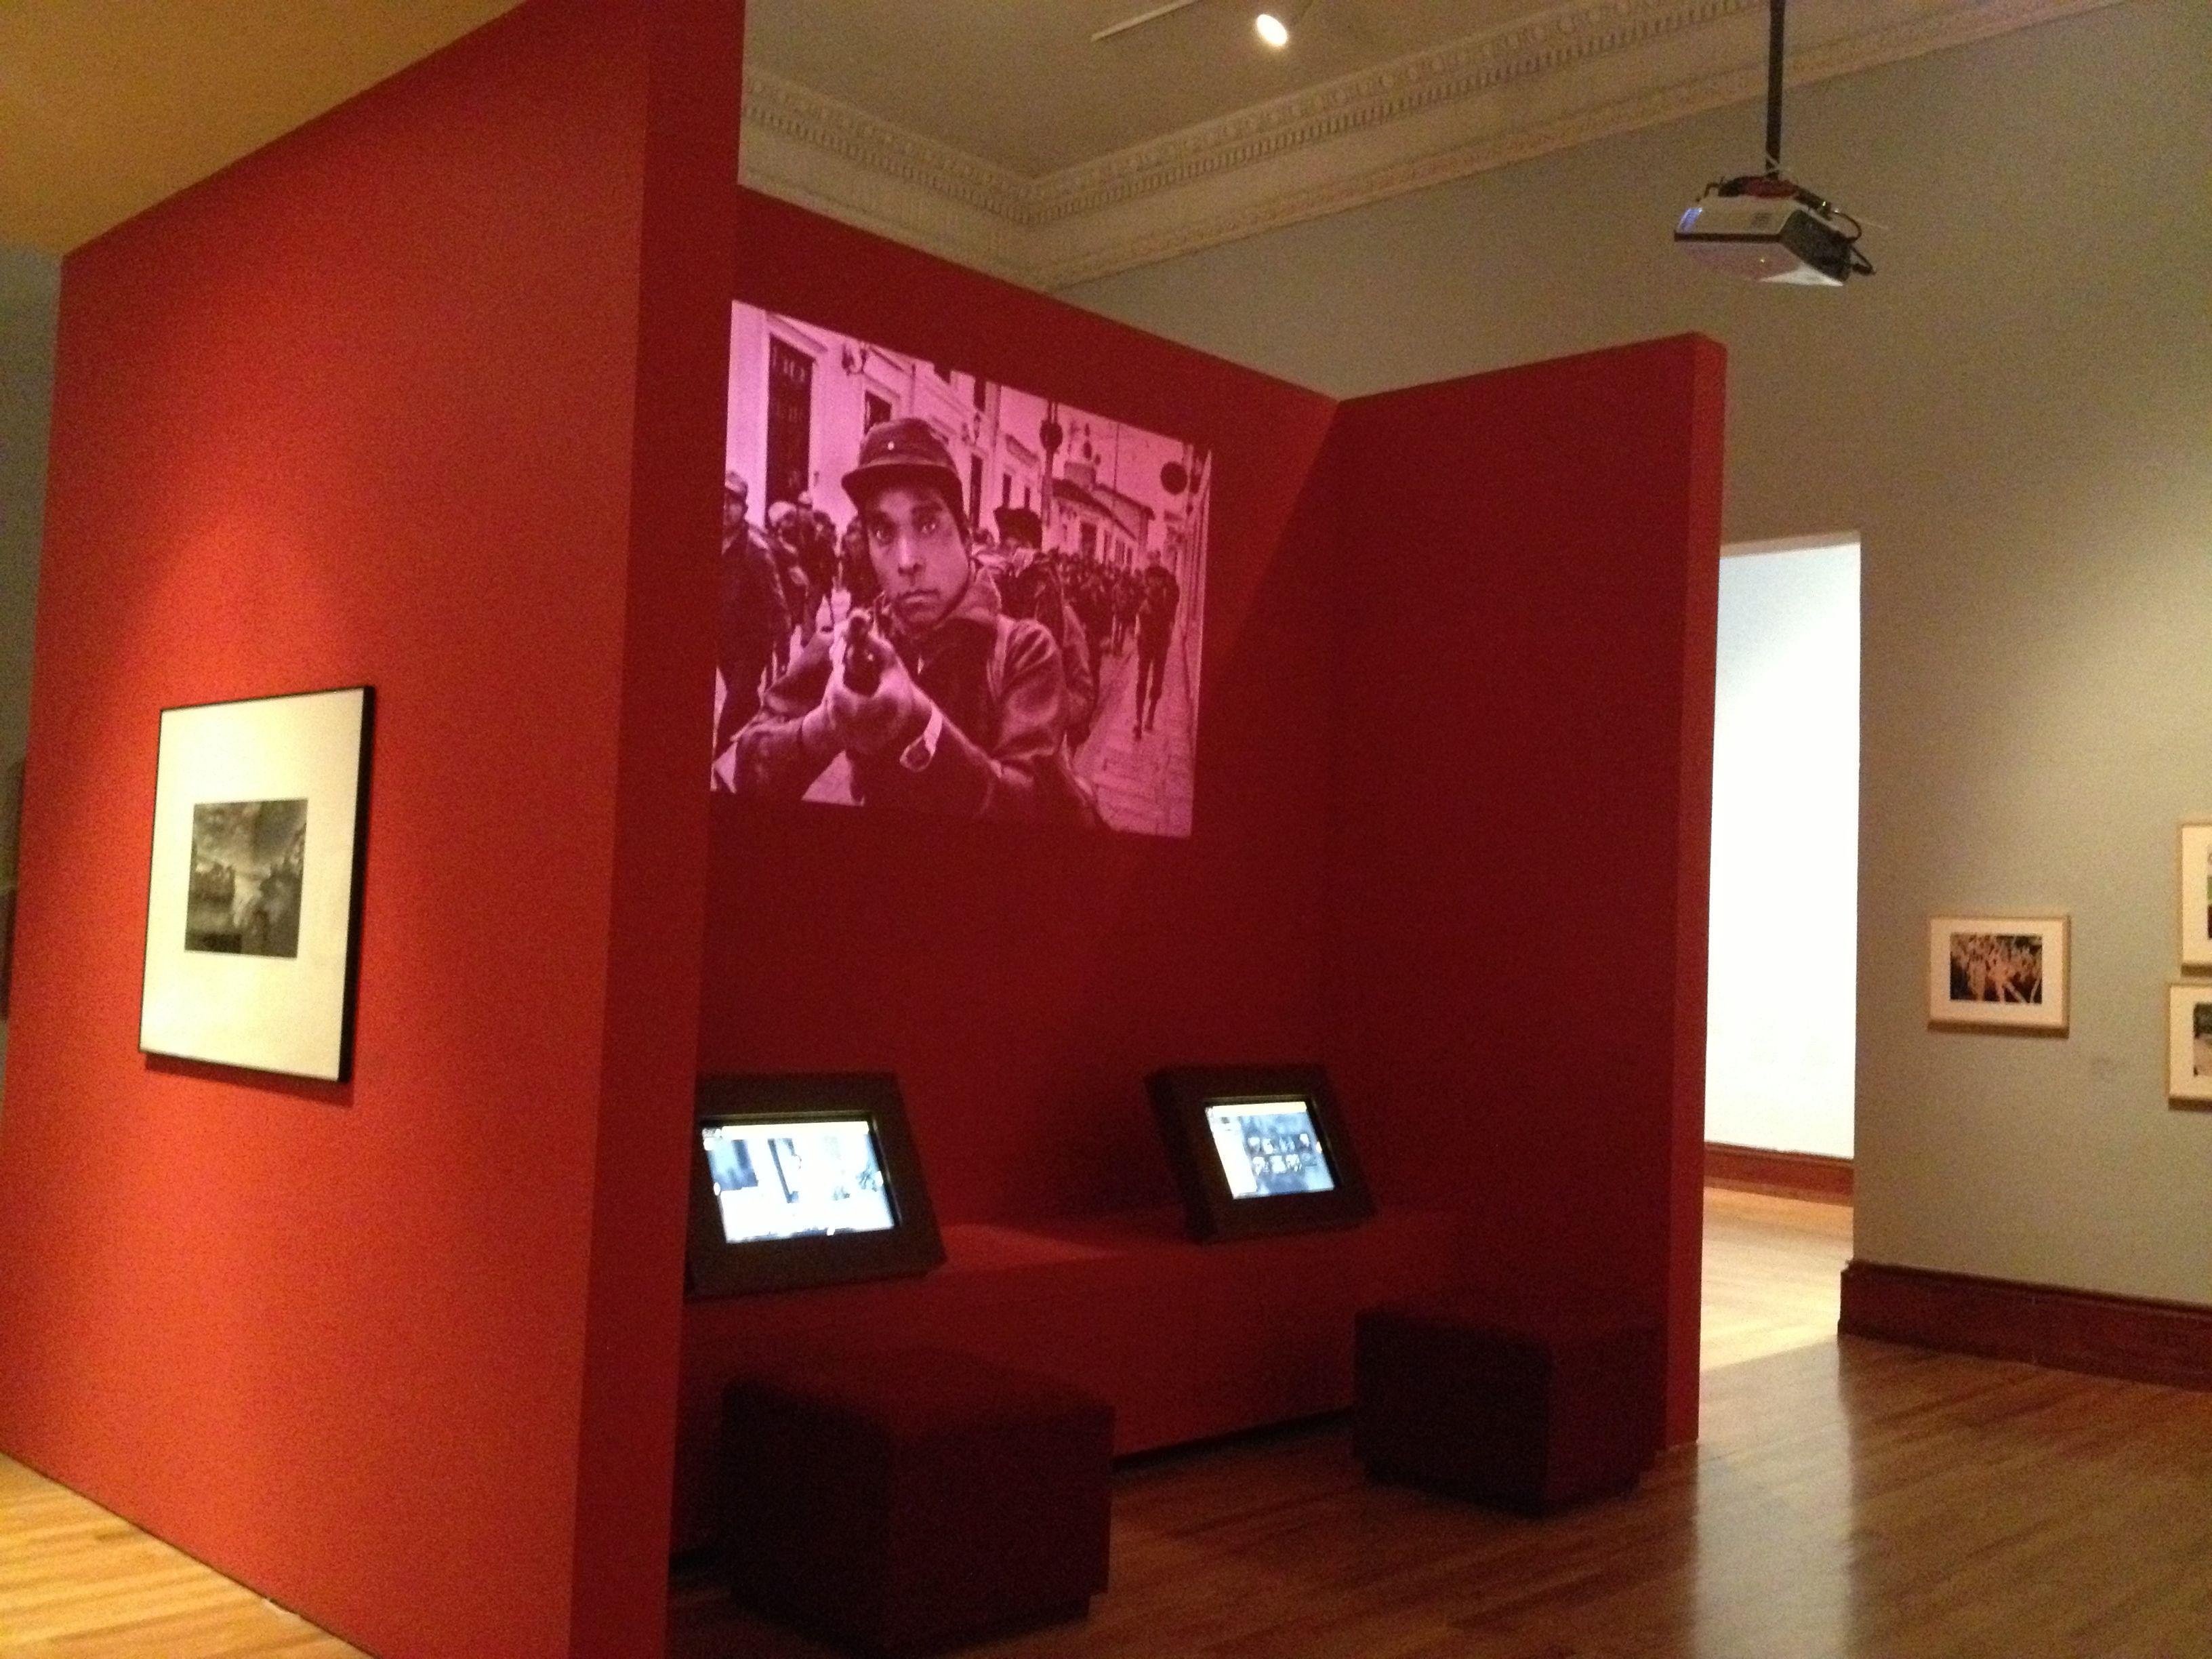 La exposición México a través de la fotografía del MUNAL tiene buenos ejemplos de musegorafía educativa.A lo largo de la exposición hay módulos didácticos como este con apps, videos, imágenes, audioguía, sala de lectura y espacios para rellenar encuestas en pantallas.